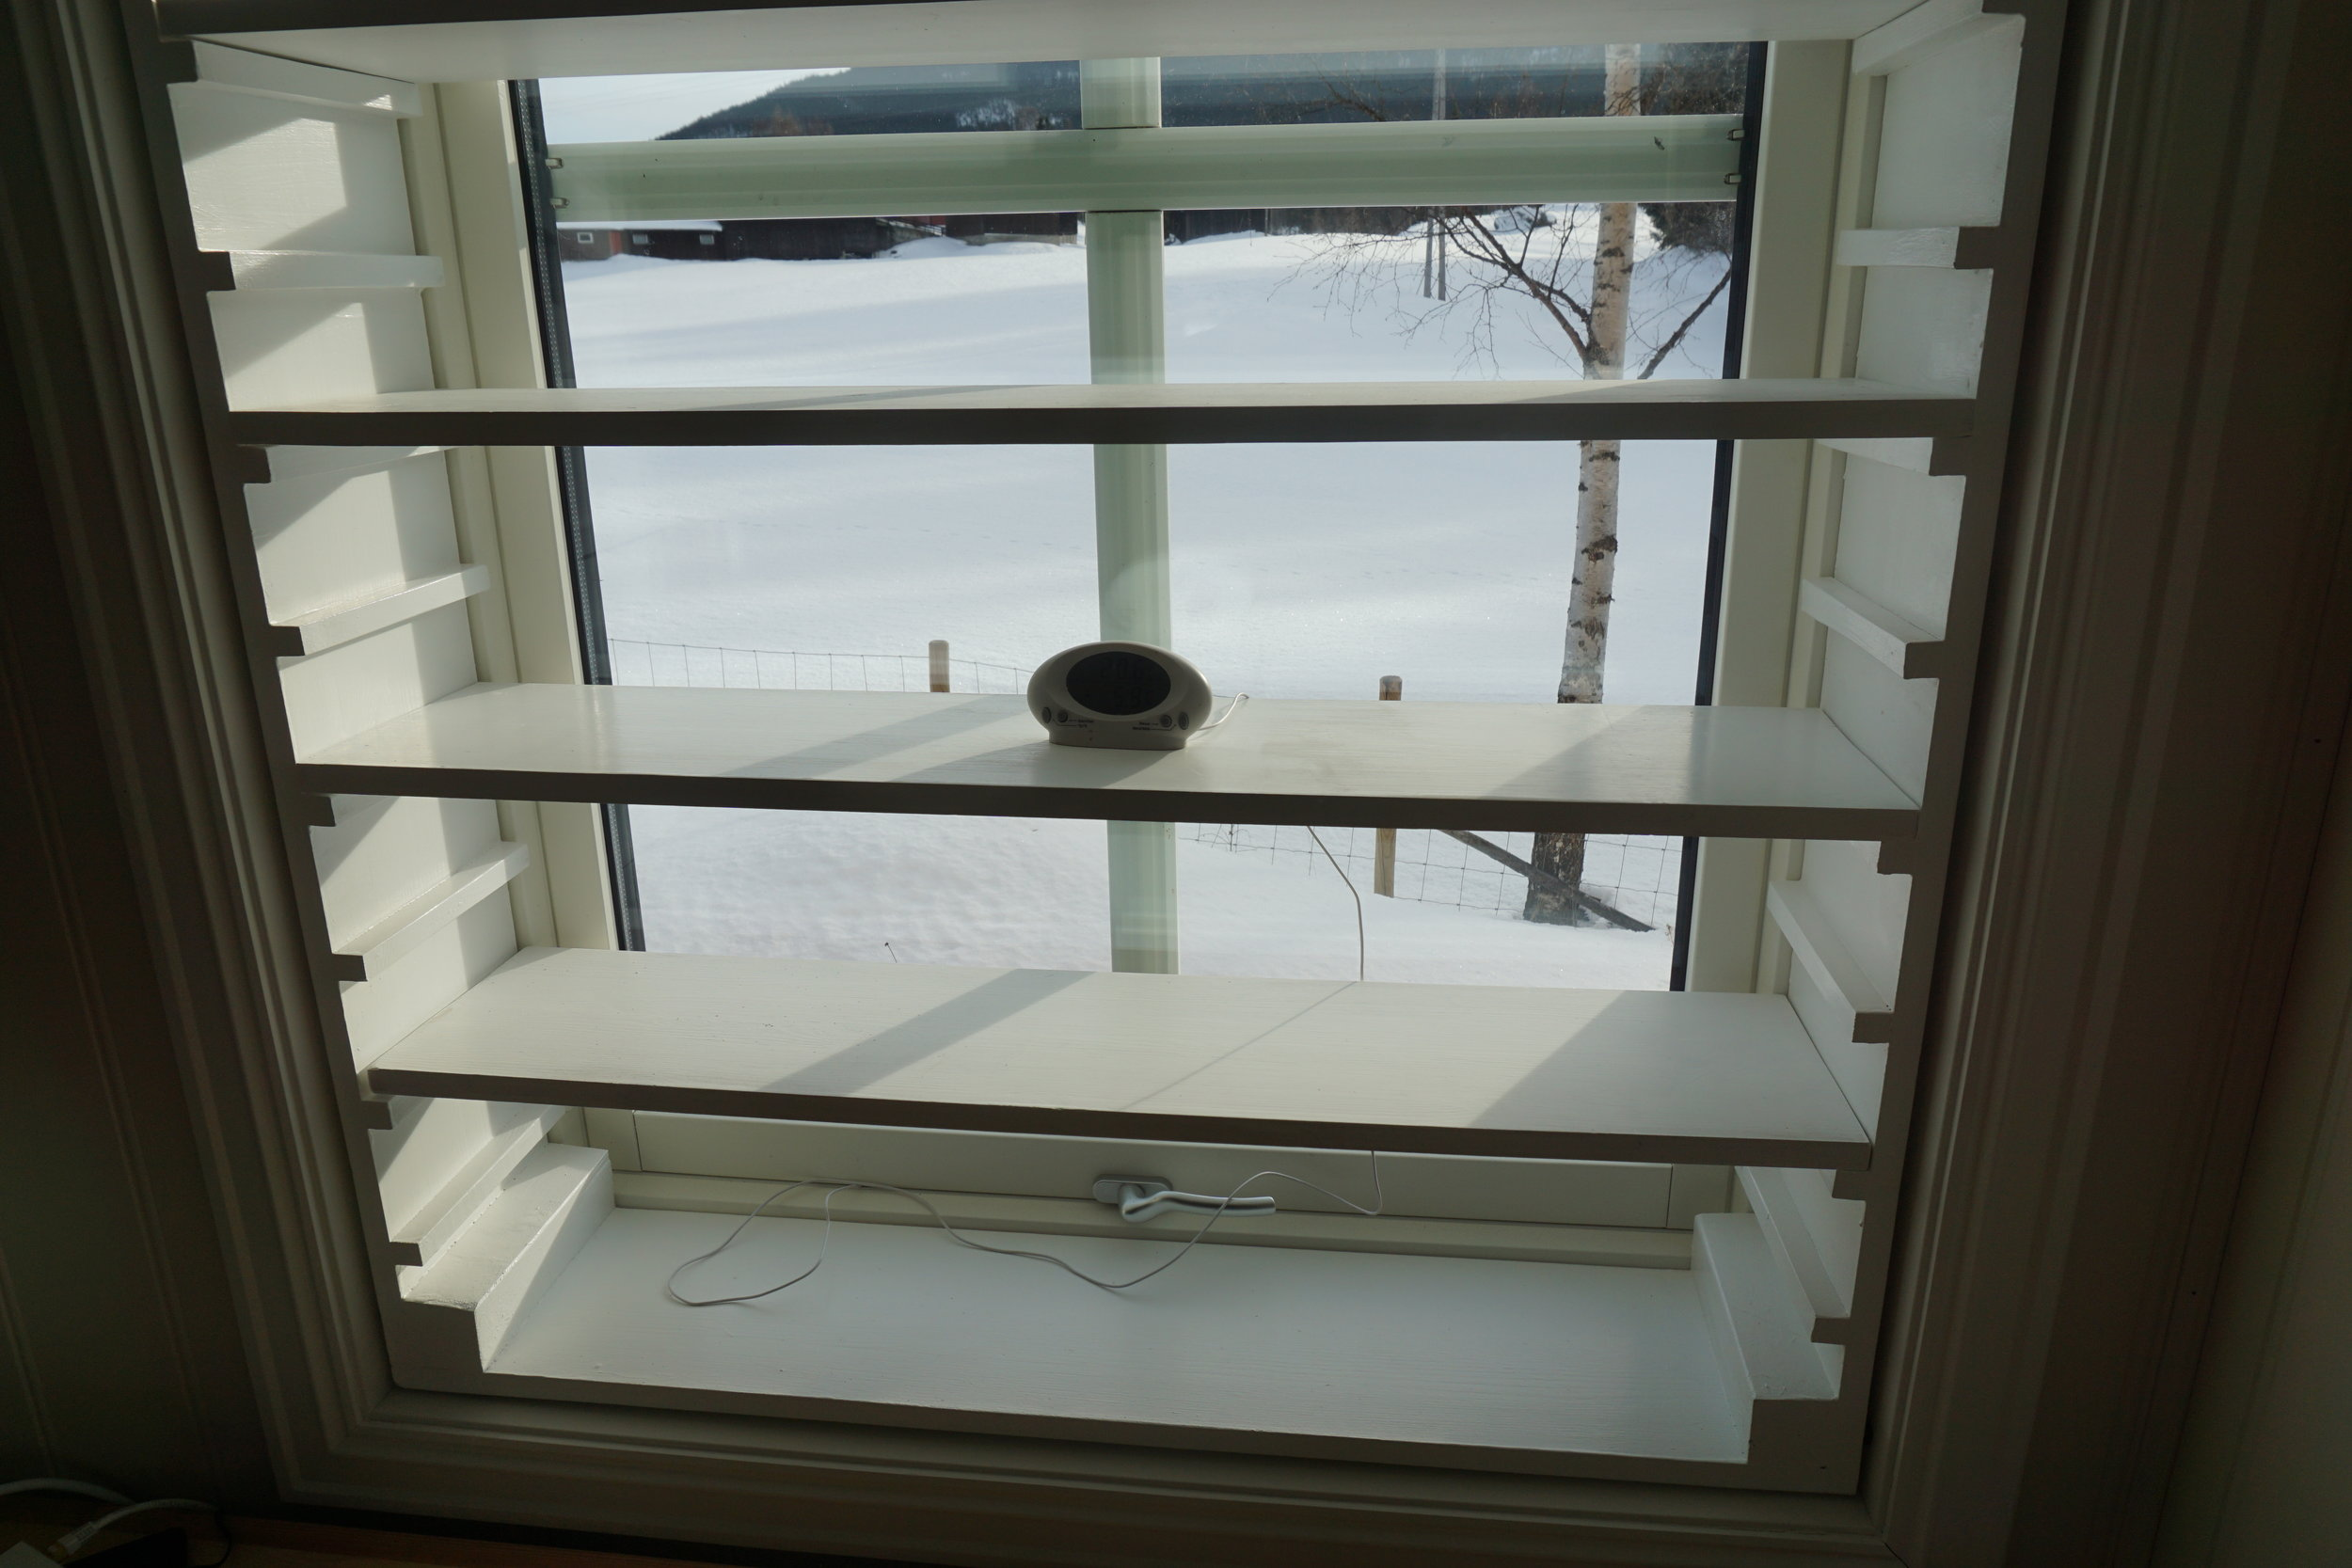 Klar til oppstart. En dyrkingshylle bør være hvit alle veier slik at lyset reflekteres best mulig. Selve konstruksjonen er en hylle som settes løst inn i vinduets lysåpning. Hyllene er løse og justeres etter behov. Det er viktig å følge med på temperaturene.